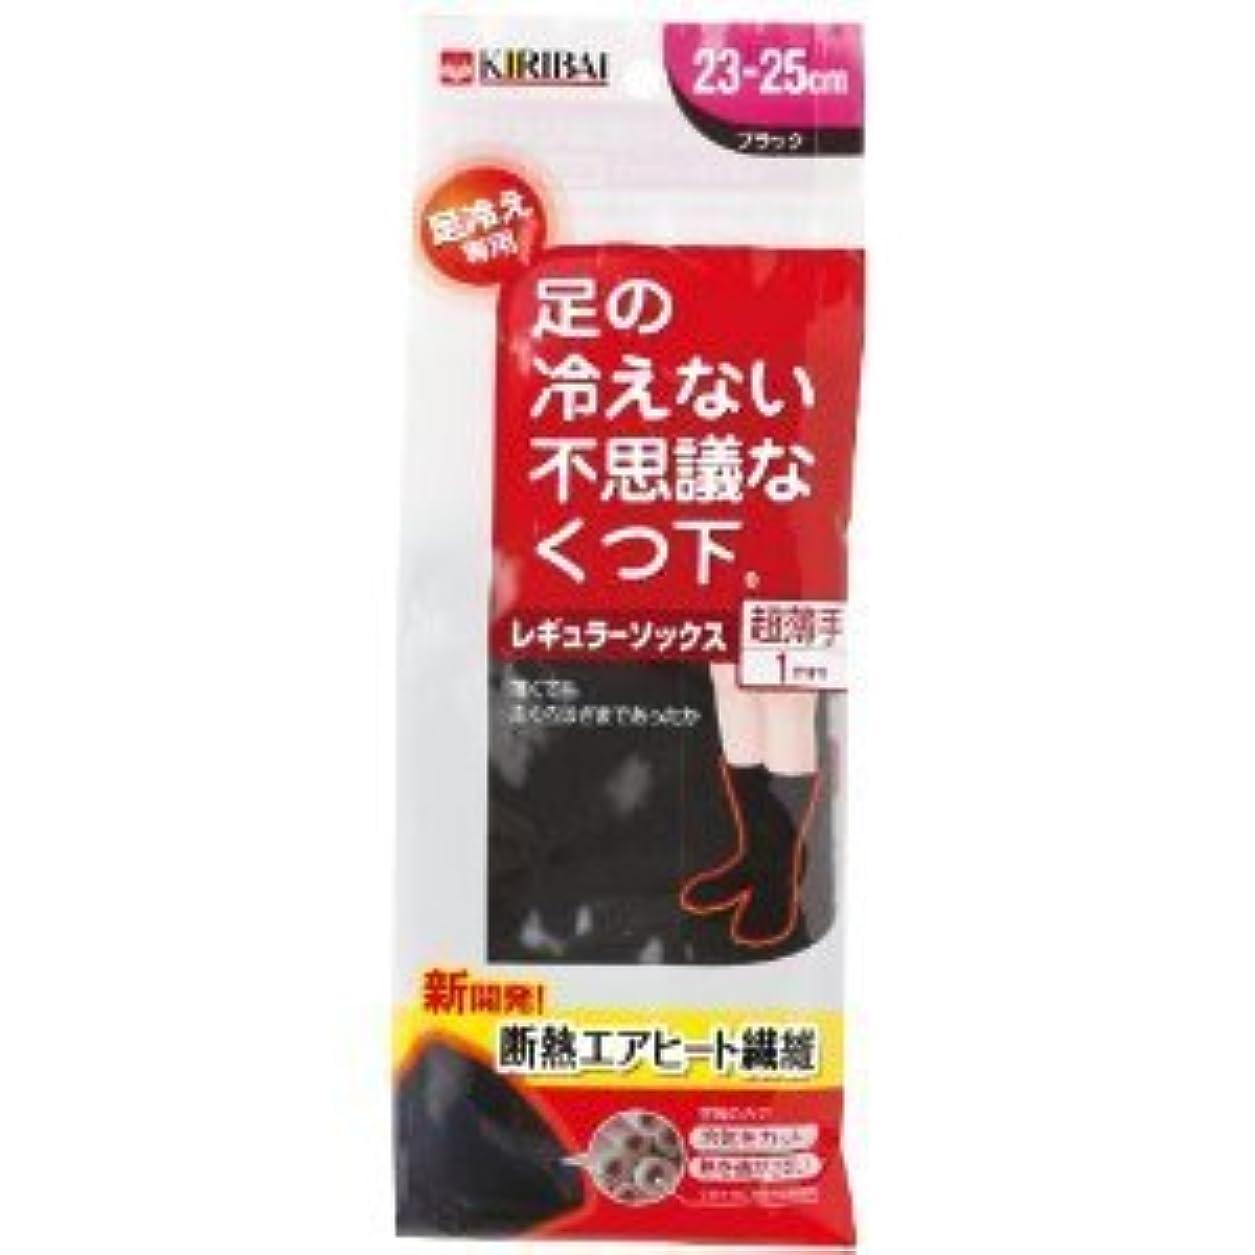 合理化適度にマイクロ足の冷えない不思議なくつ下 レギュラーソックス 超薄手 ブラック 23-25cm×2個